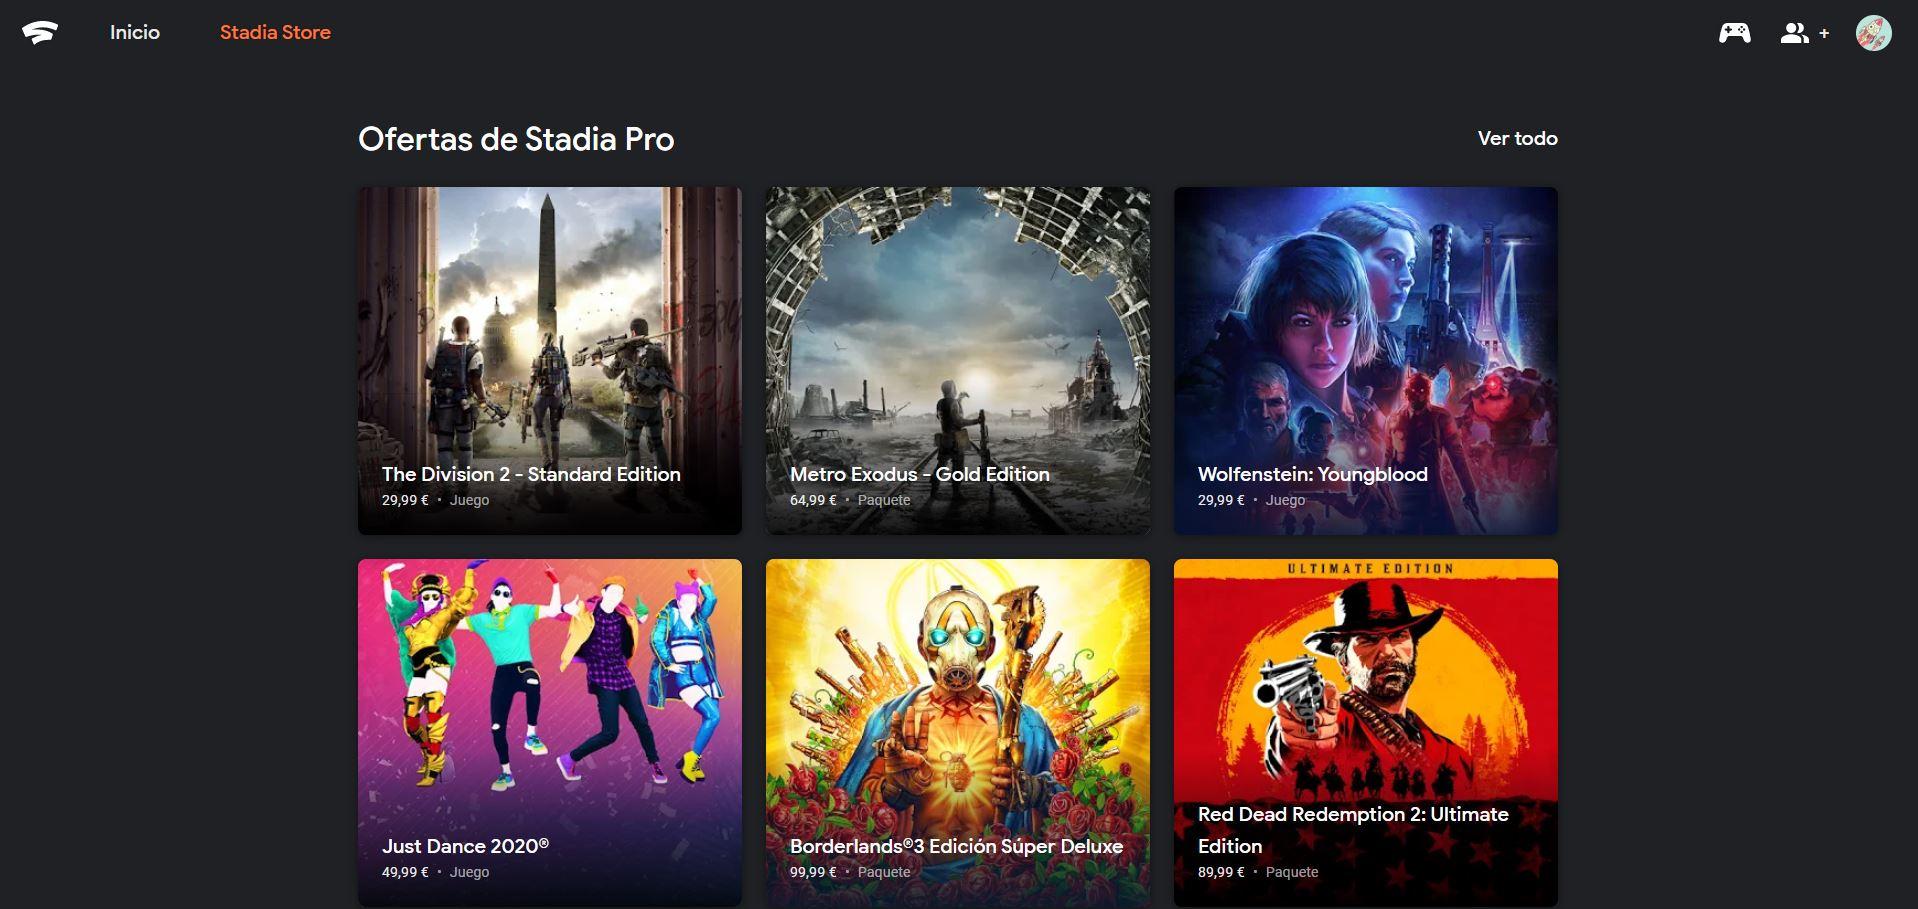 tienda-Google-Stadia-videojuegos